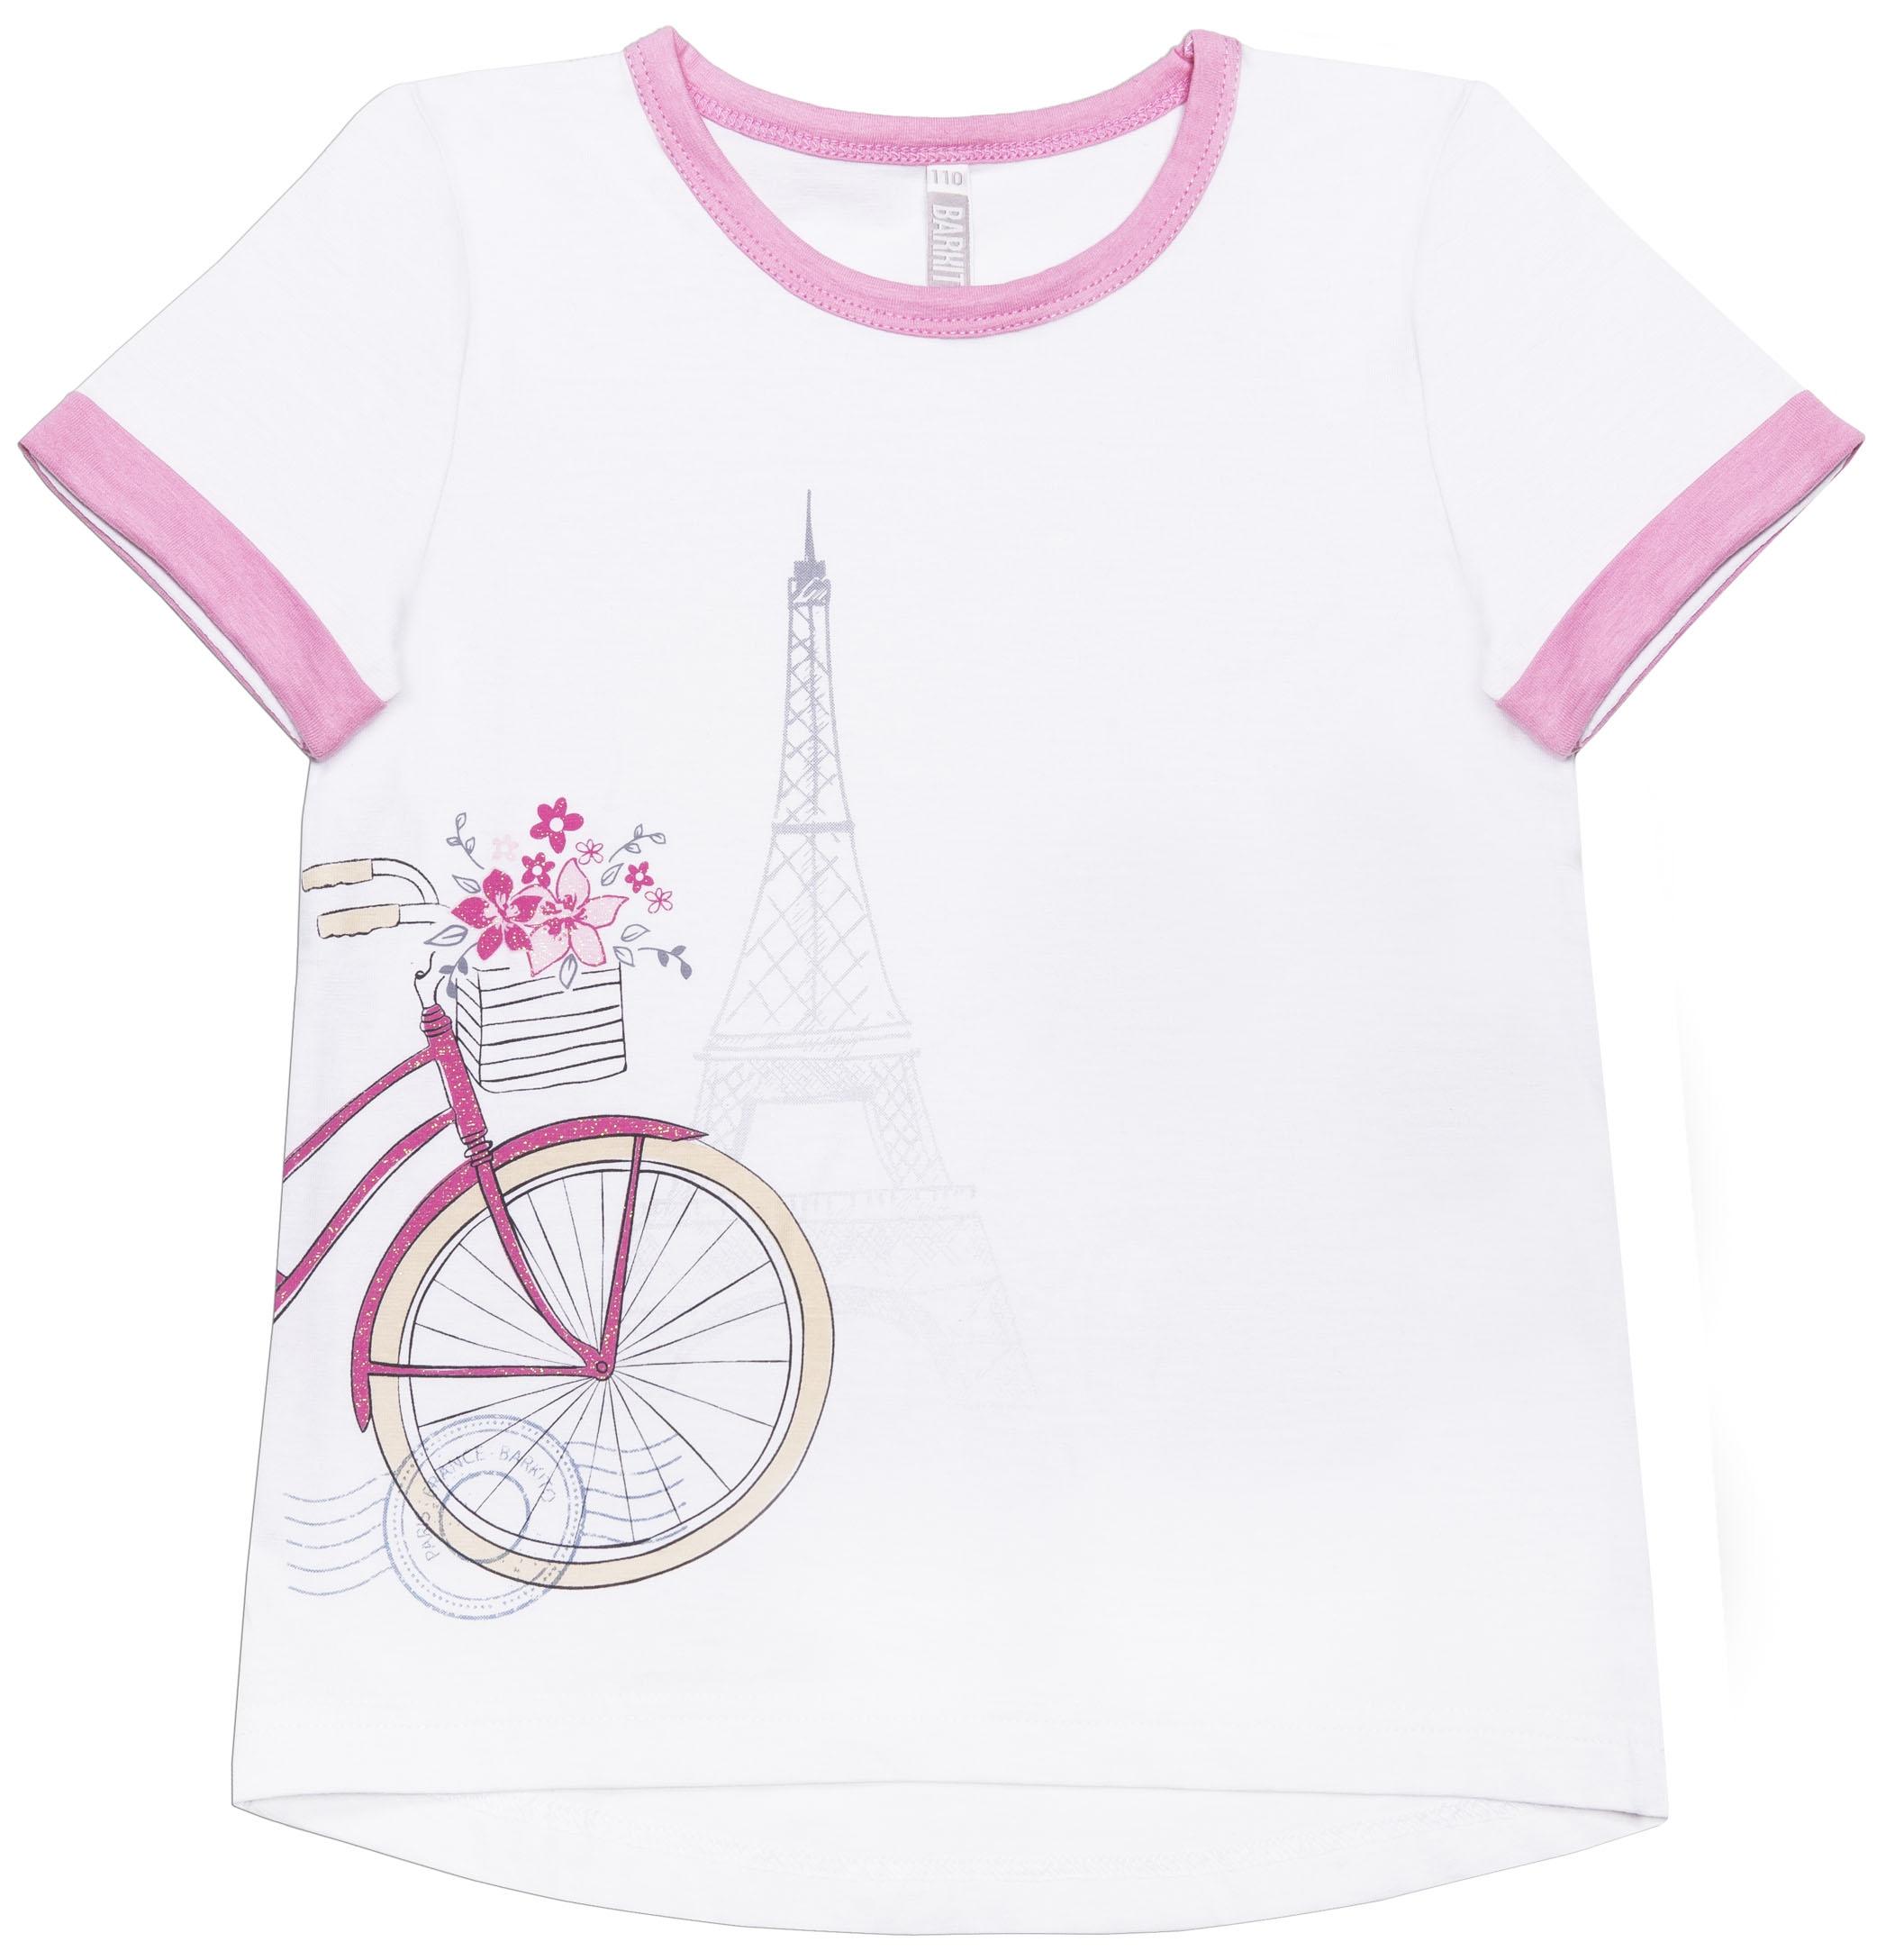 Футболки и топы Barkito Каникулы в Париже белая топы и футболки